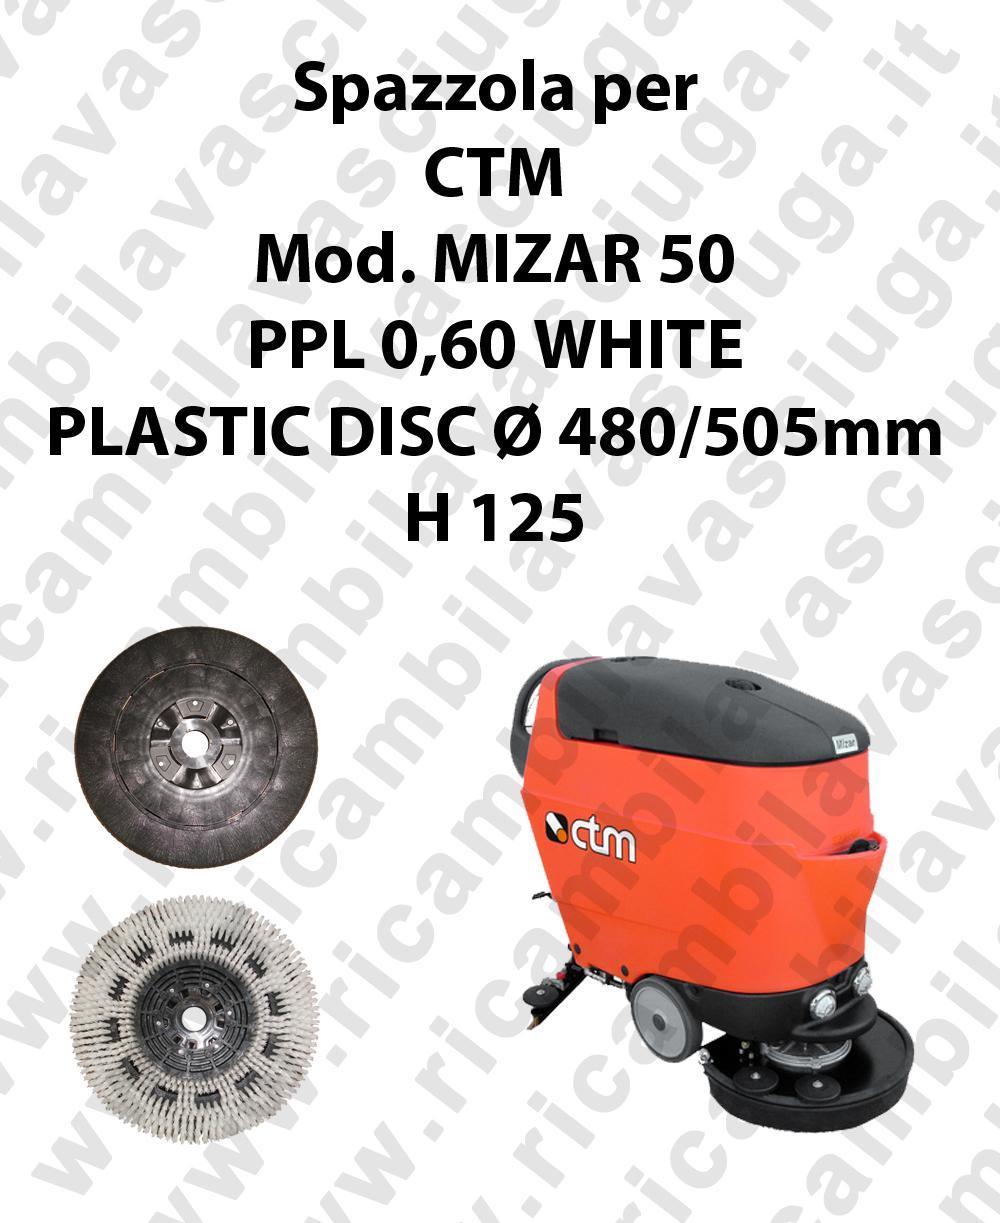 BROSSE A LAVER PPL 0,60 WHITE pour autolaveuses CTM Reference MIZAR 50